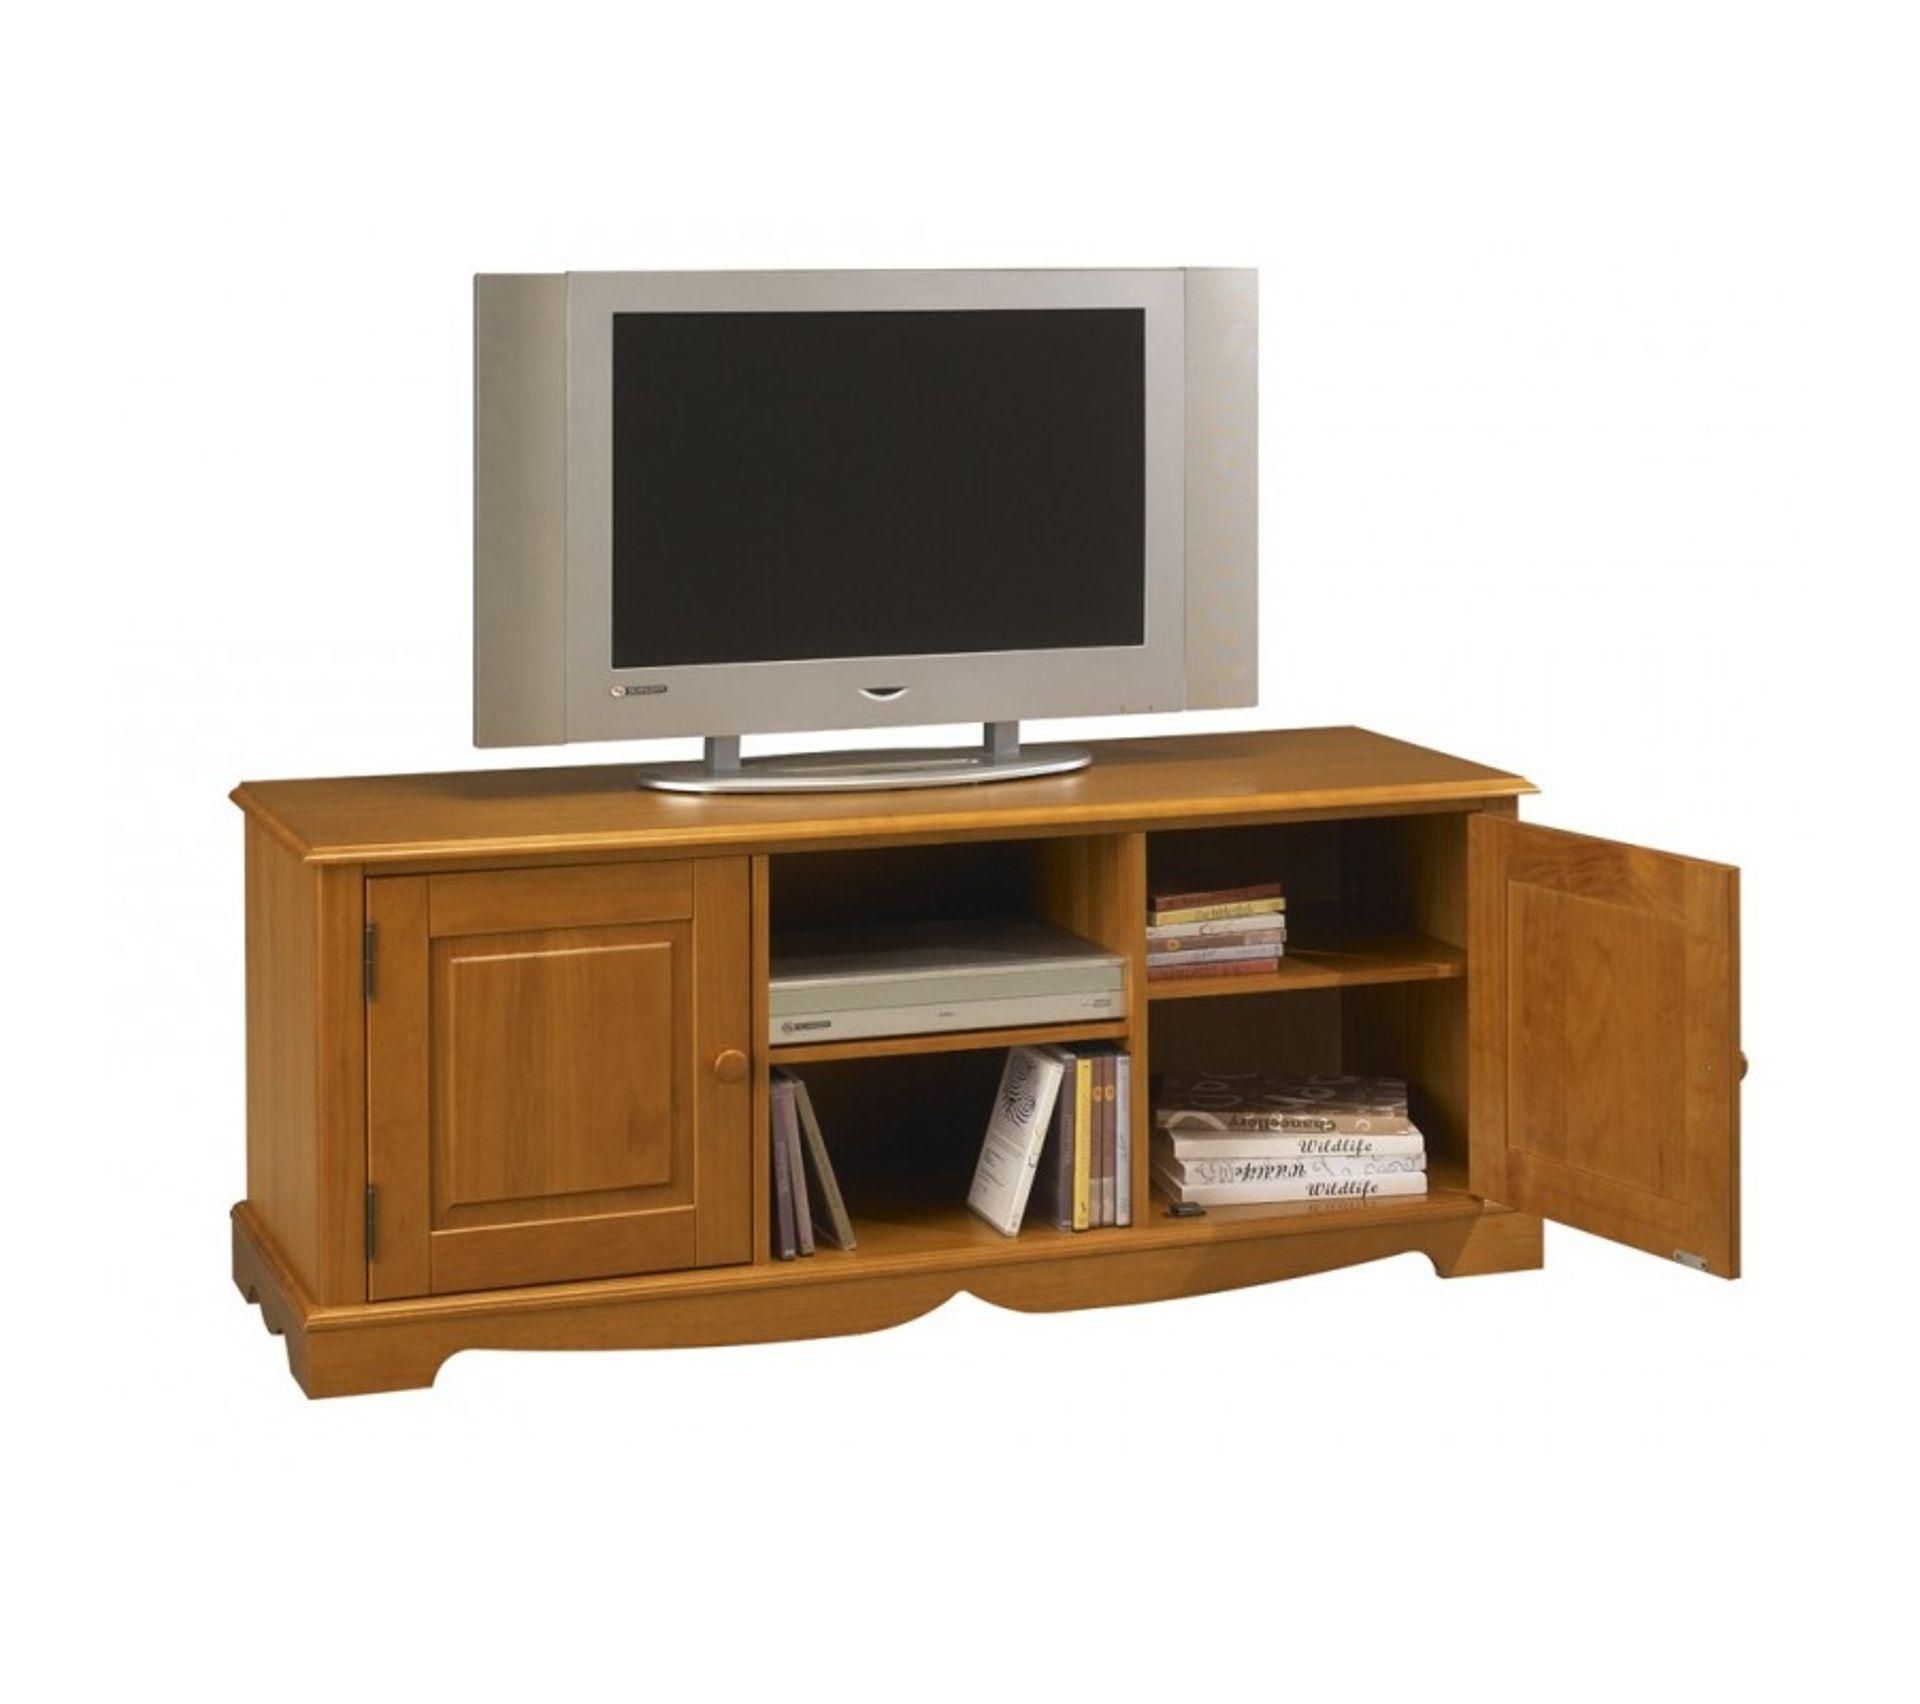 Meuble tv 143 cm pin miel de style anglais meuble tv but Meuble tv style anglais